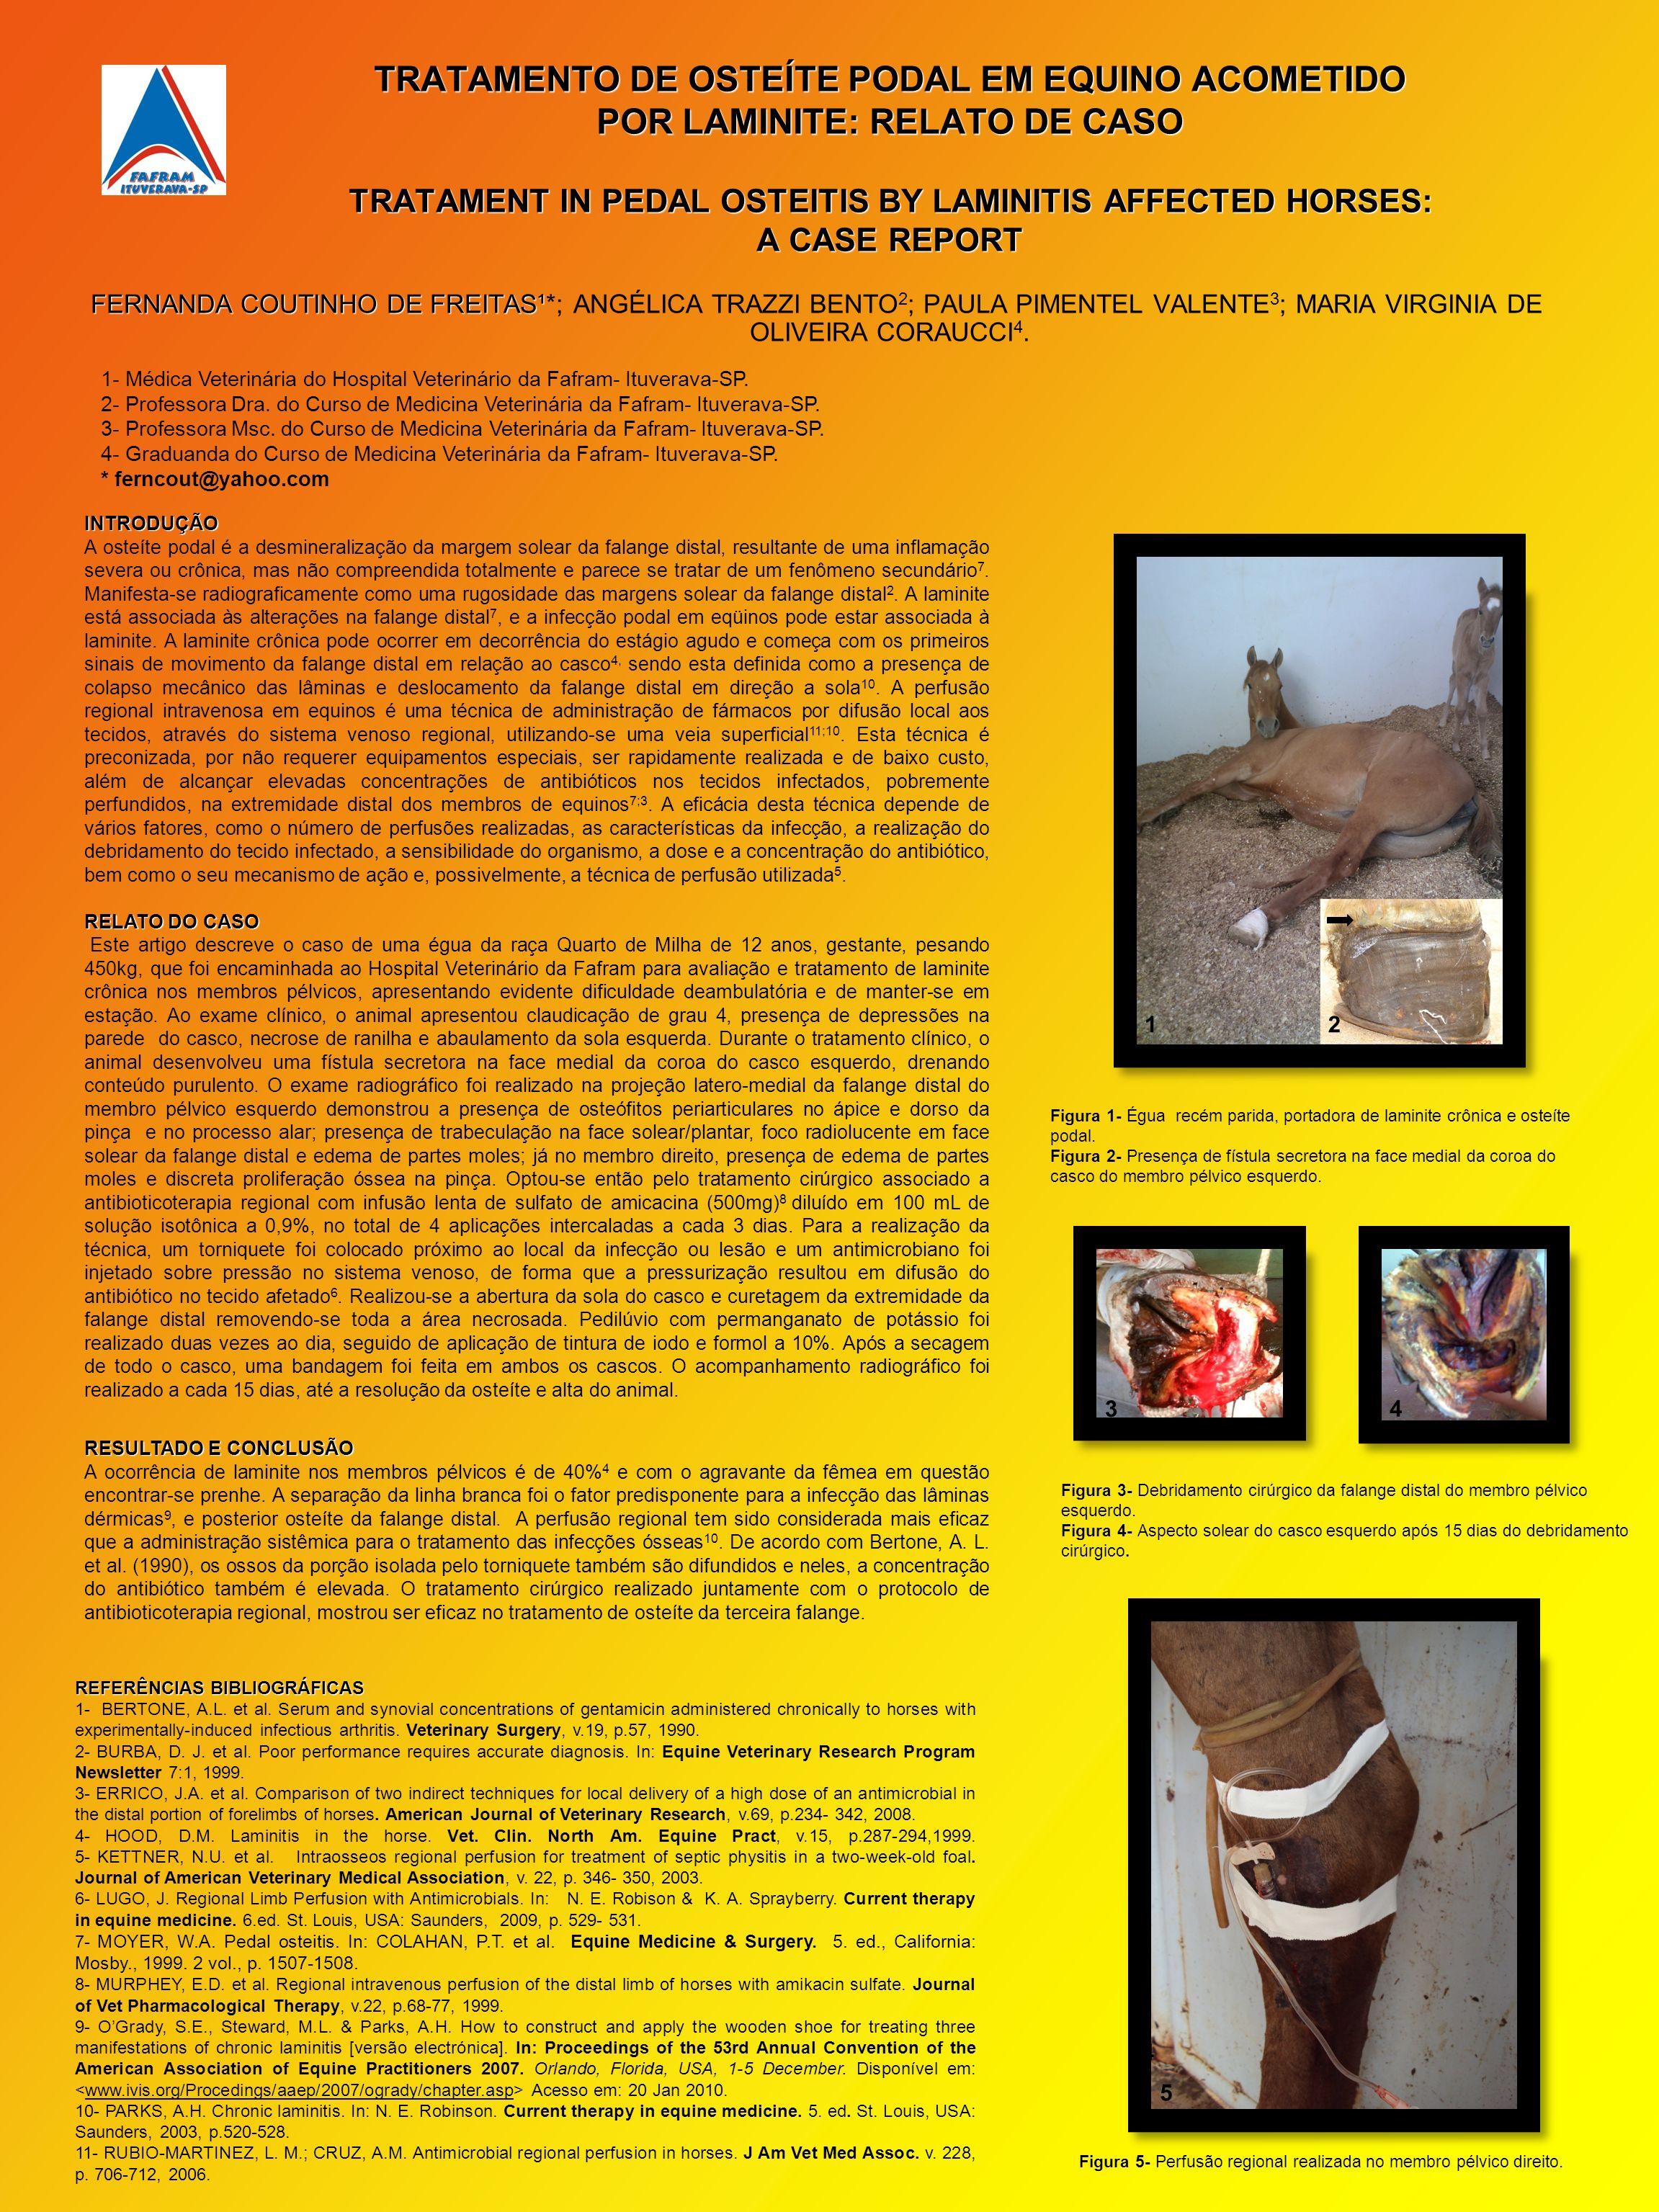 TRATAMENTO DE OSTEÍTE PODAL EM EQUINO ACOMETIDO POR LAMINITE: RELATO DE CASO TRATAMENT IN PEDAL OSTEITIS BY LAMINITIS AFFECTED HORSES: A CASE REPORT F